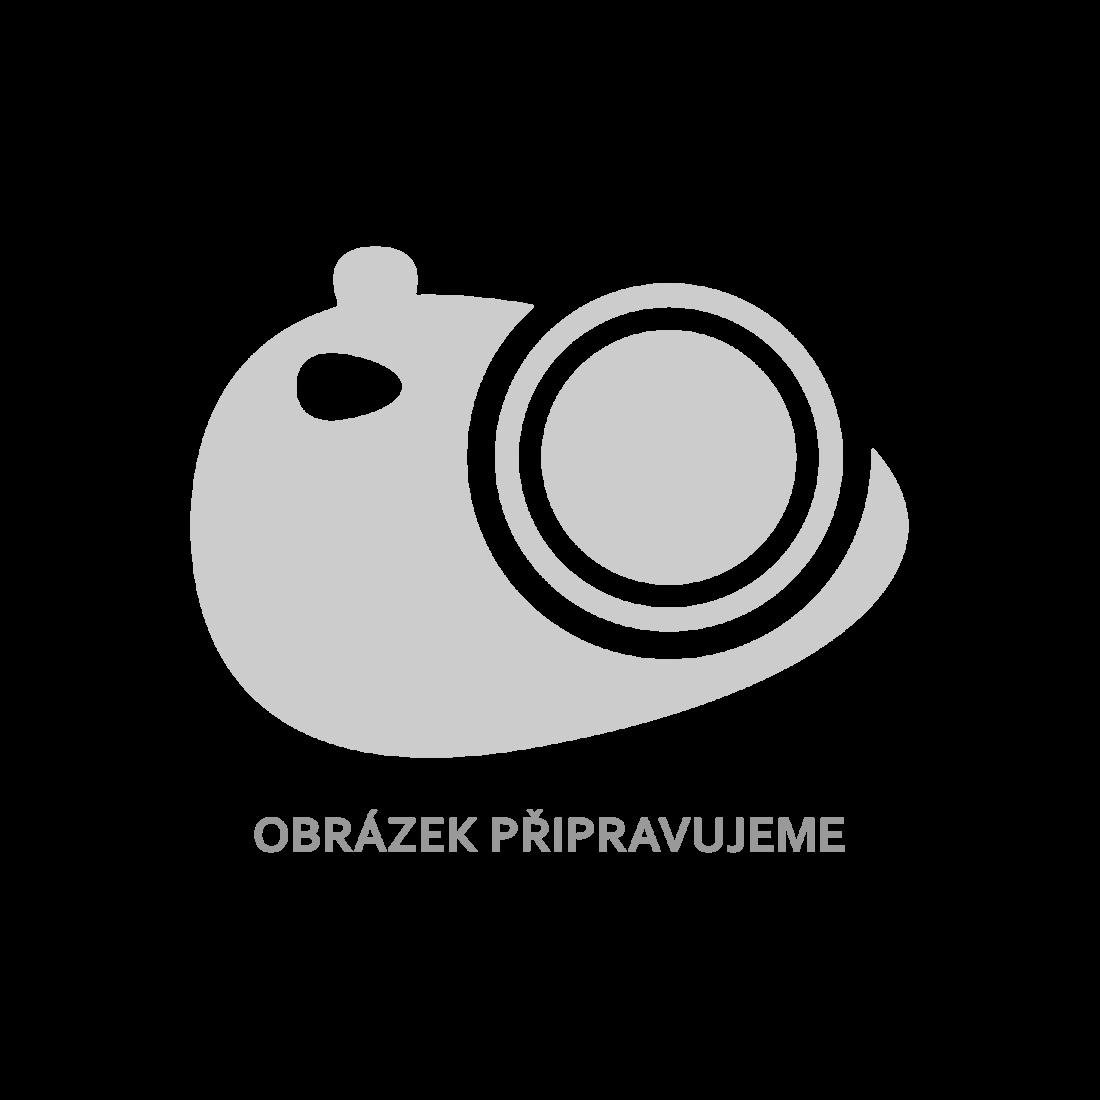 vidaXL Počítačový stůl šedý 80 x 50 x 75 cm dřevotříska [802896]